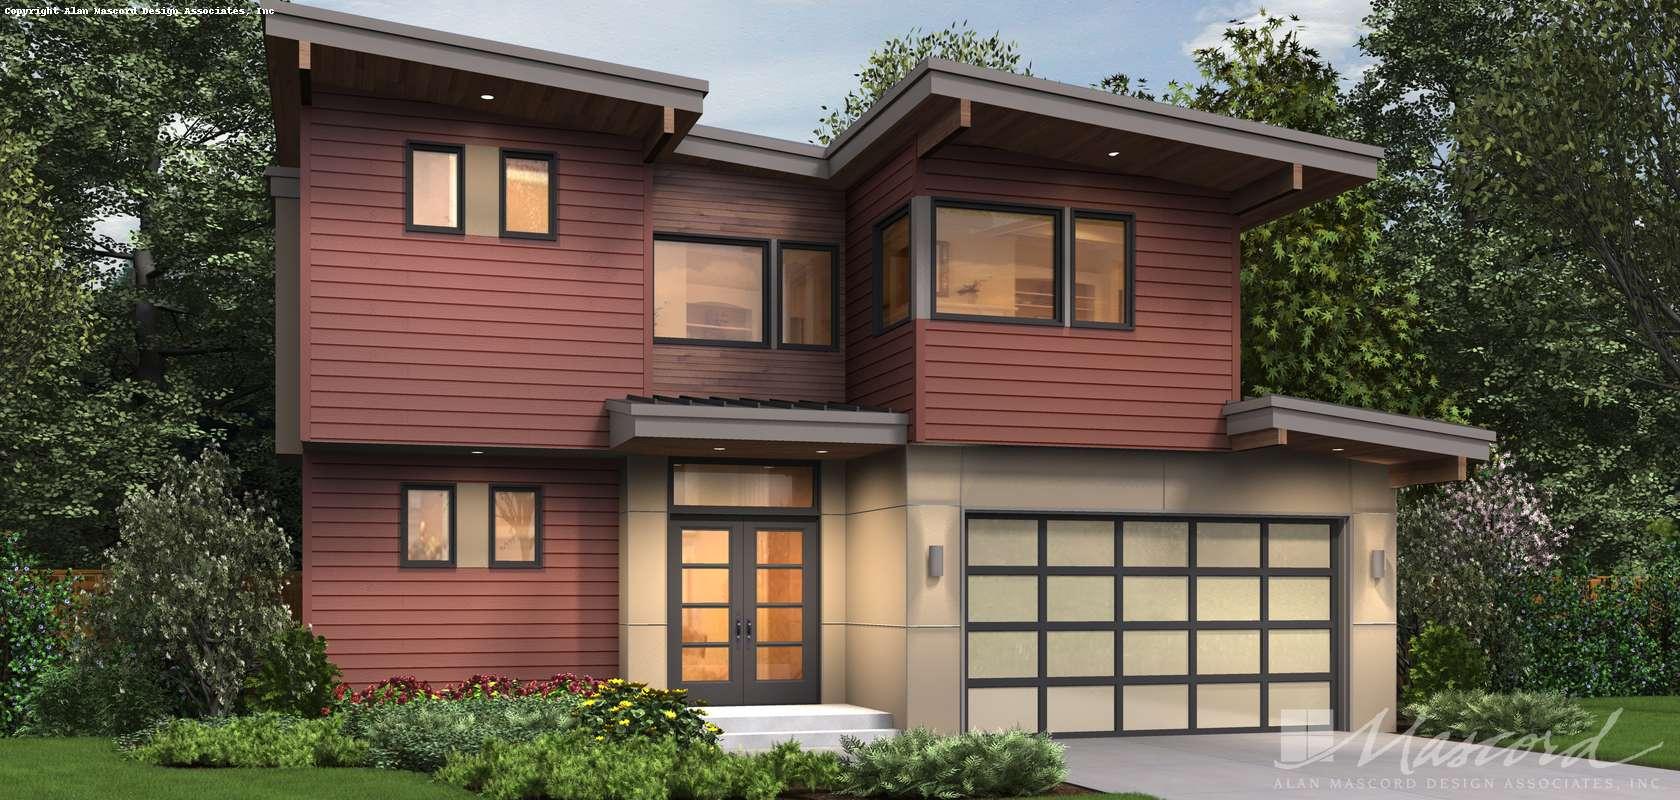 Mascord House Plan 23101: The Ontario